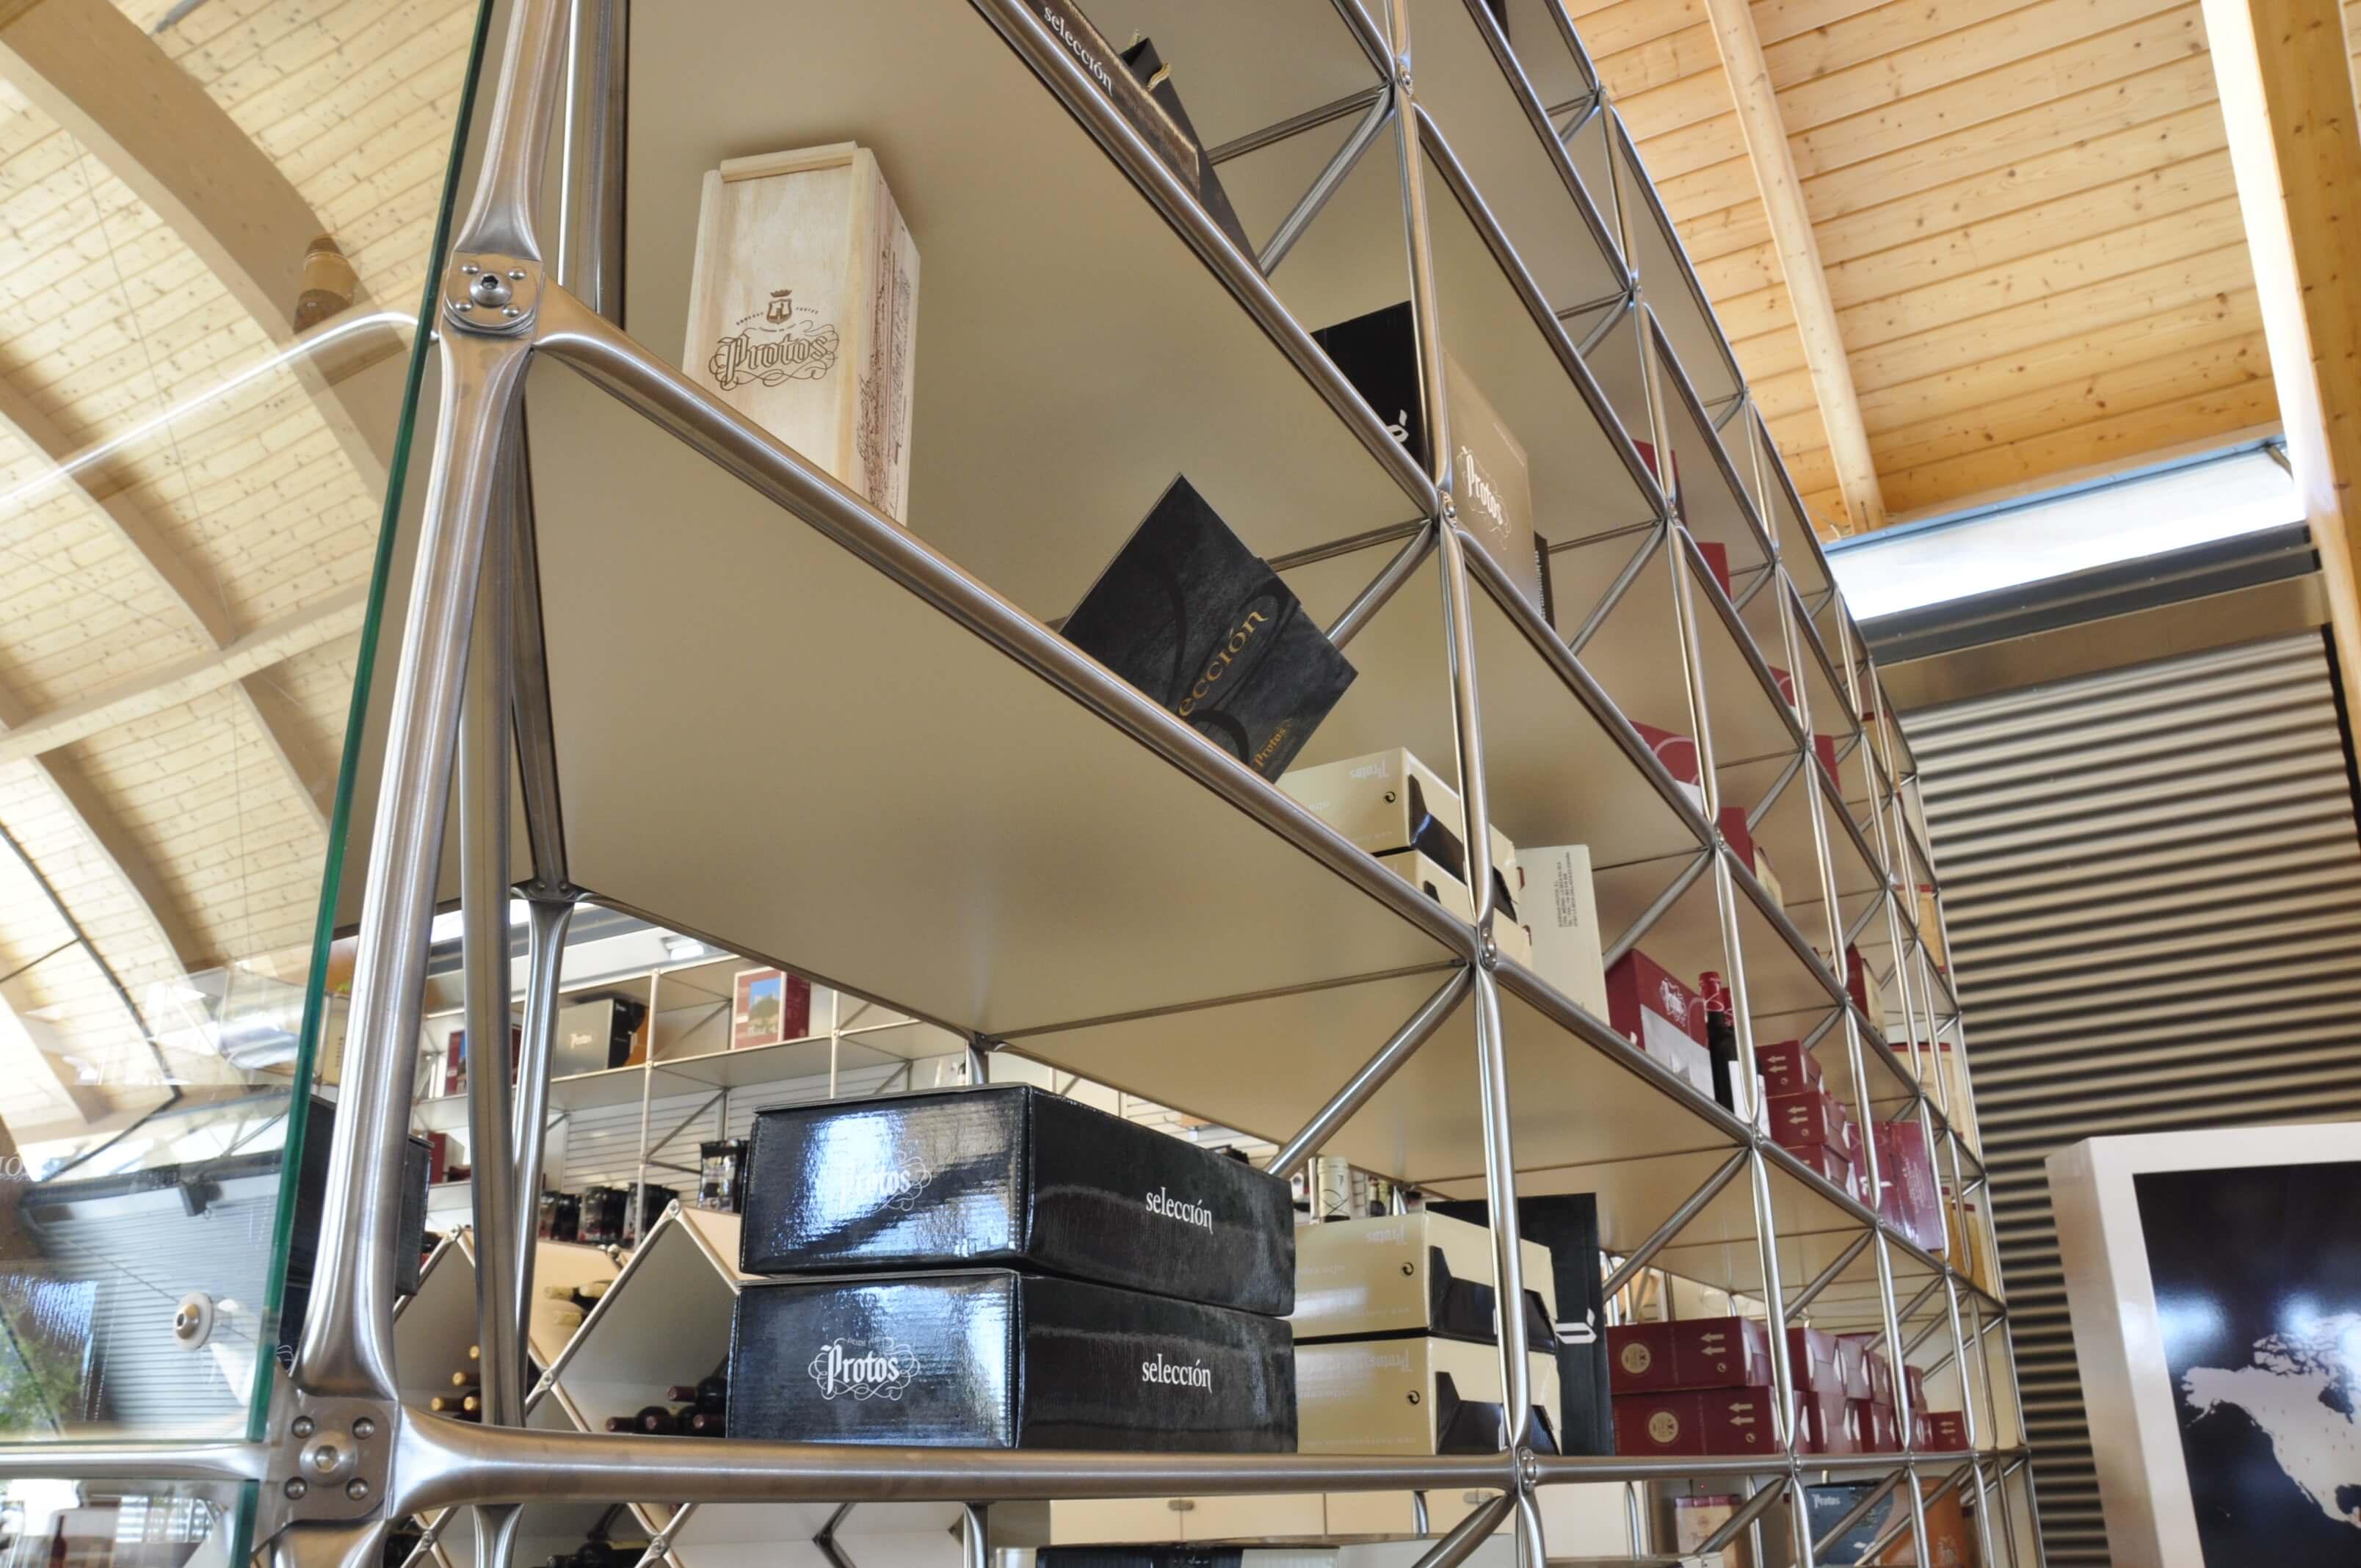 Sala merchandising bodega Protos detalle estanterías | Muebles de oficina Spacio